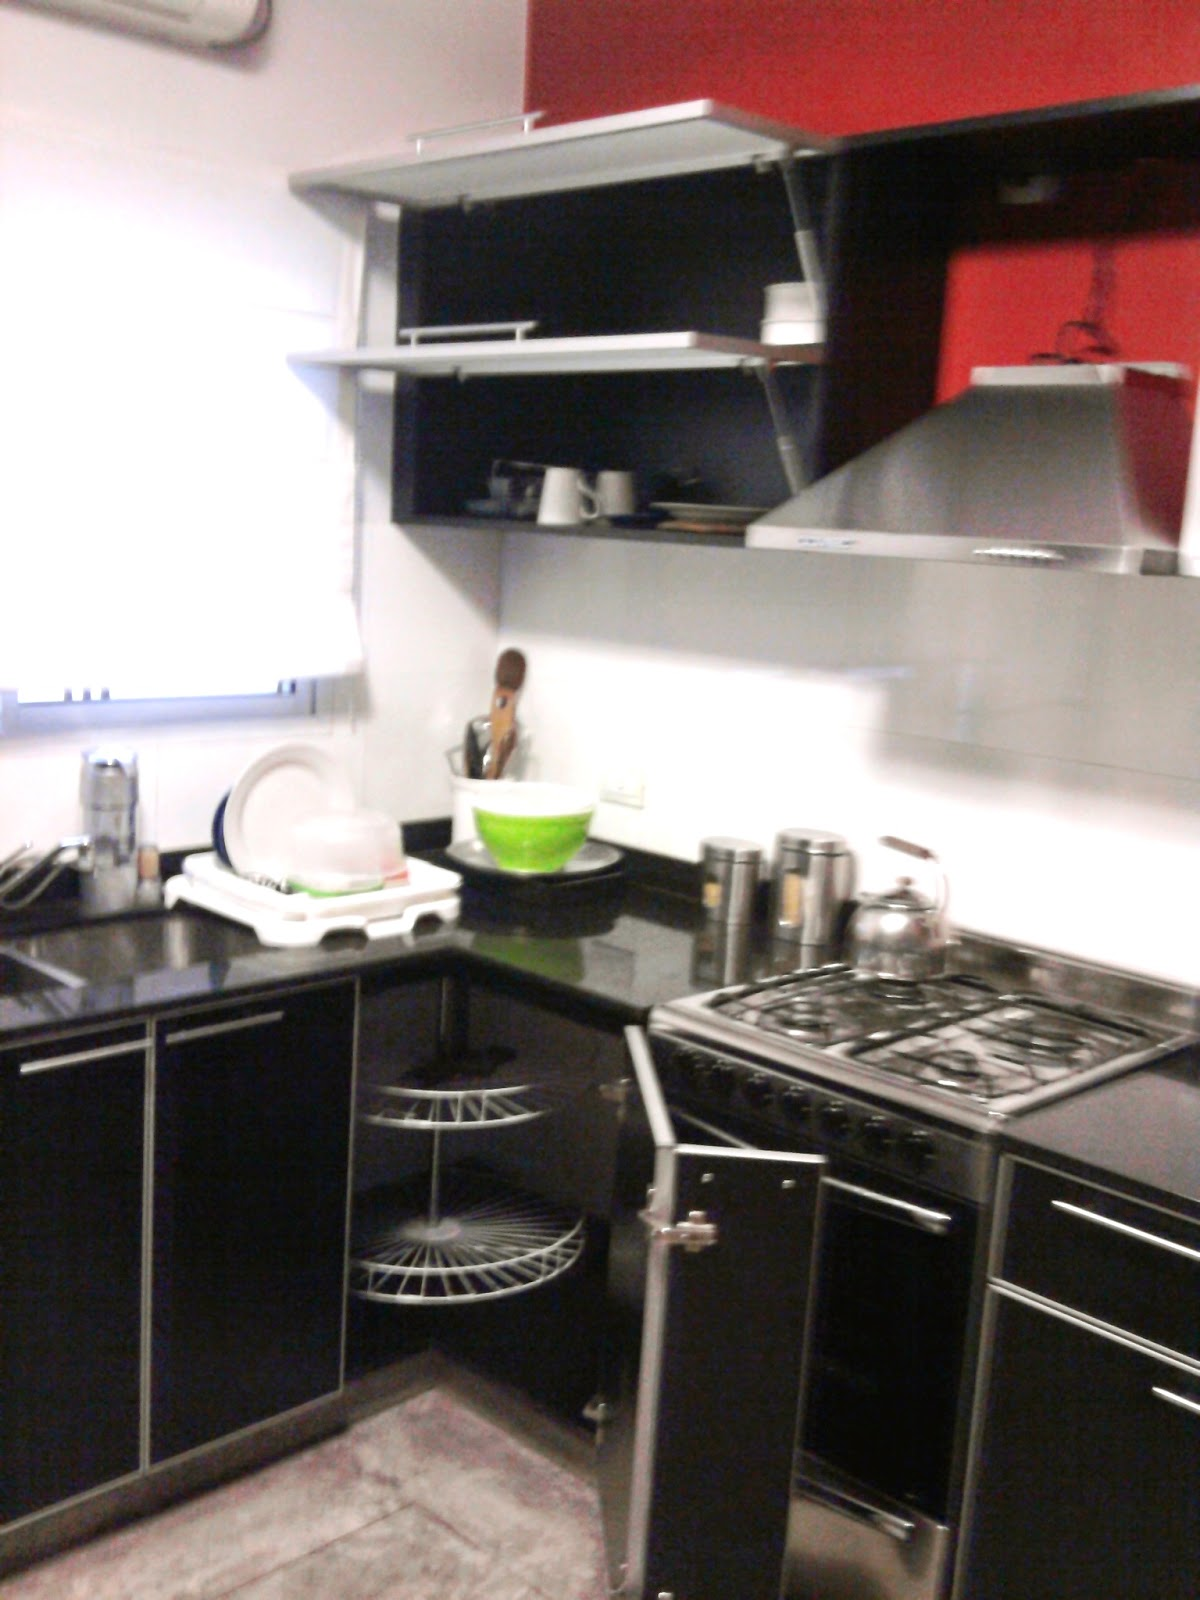 Amoblamientos tientta amoblamientos de cocina modernos for Amoblamientos de cocina modernos